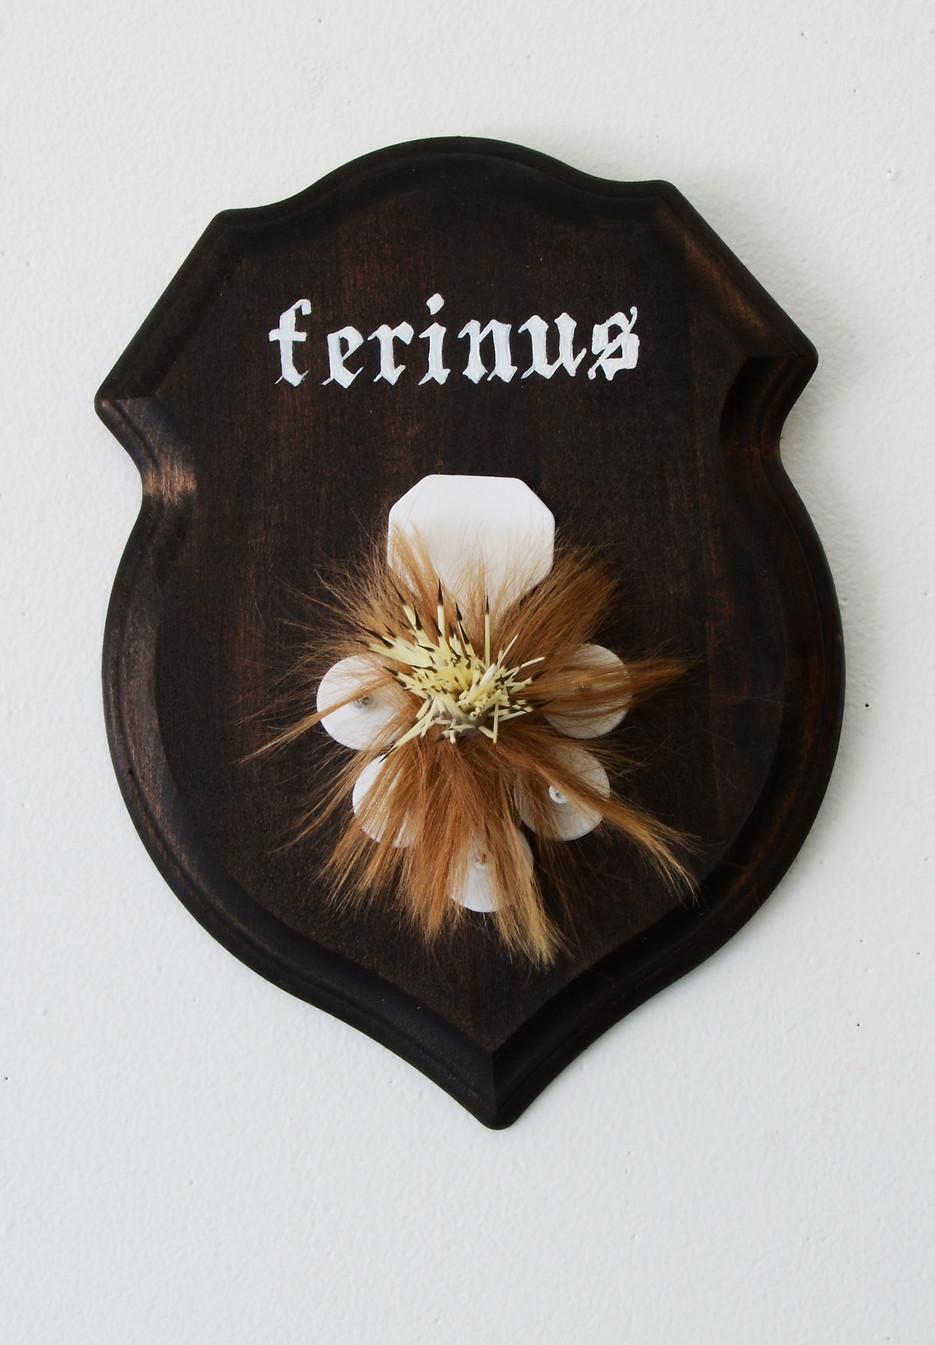 Ferinus